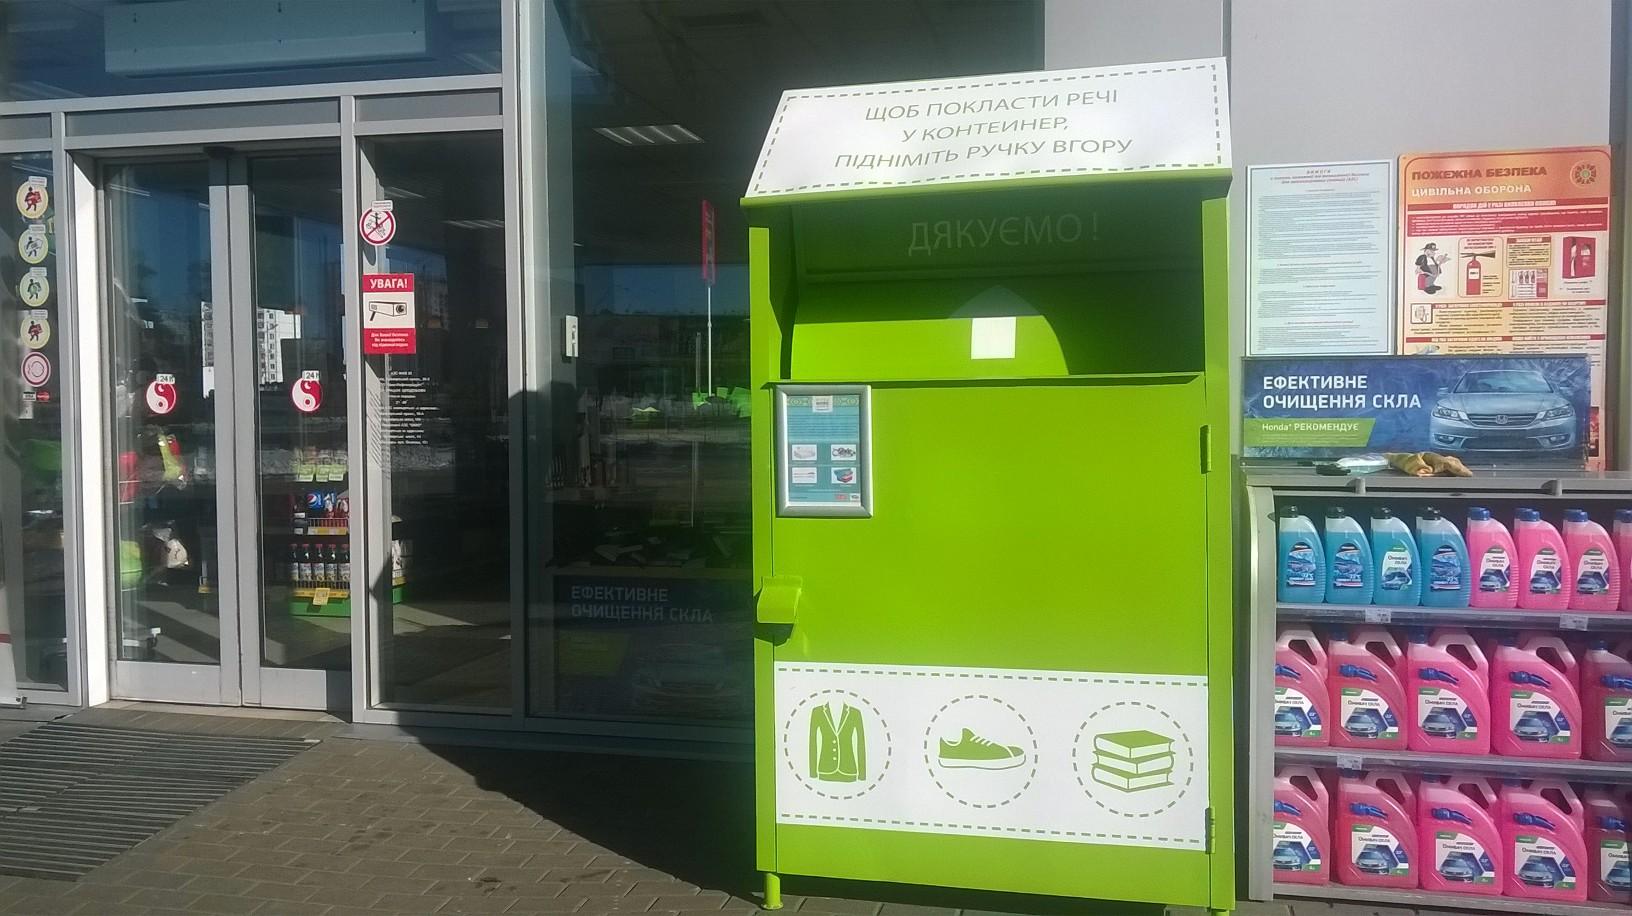 Уже в 6 областях Украины можно сдать использованные вещи в контейнеры на «ОККО» 1